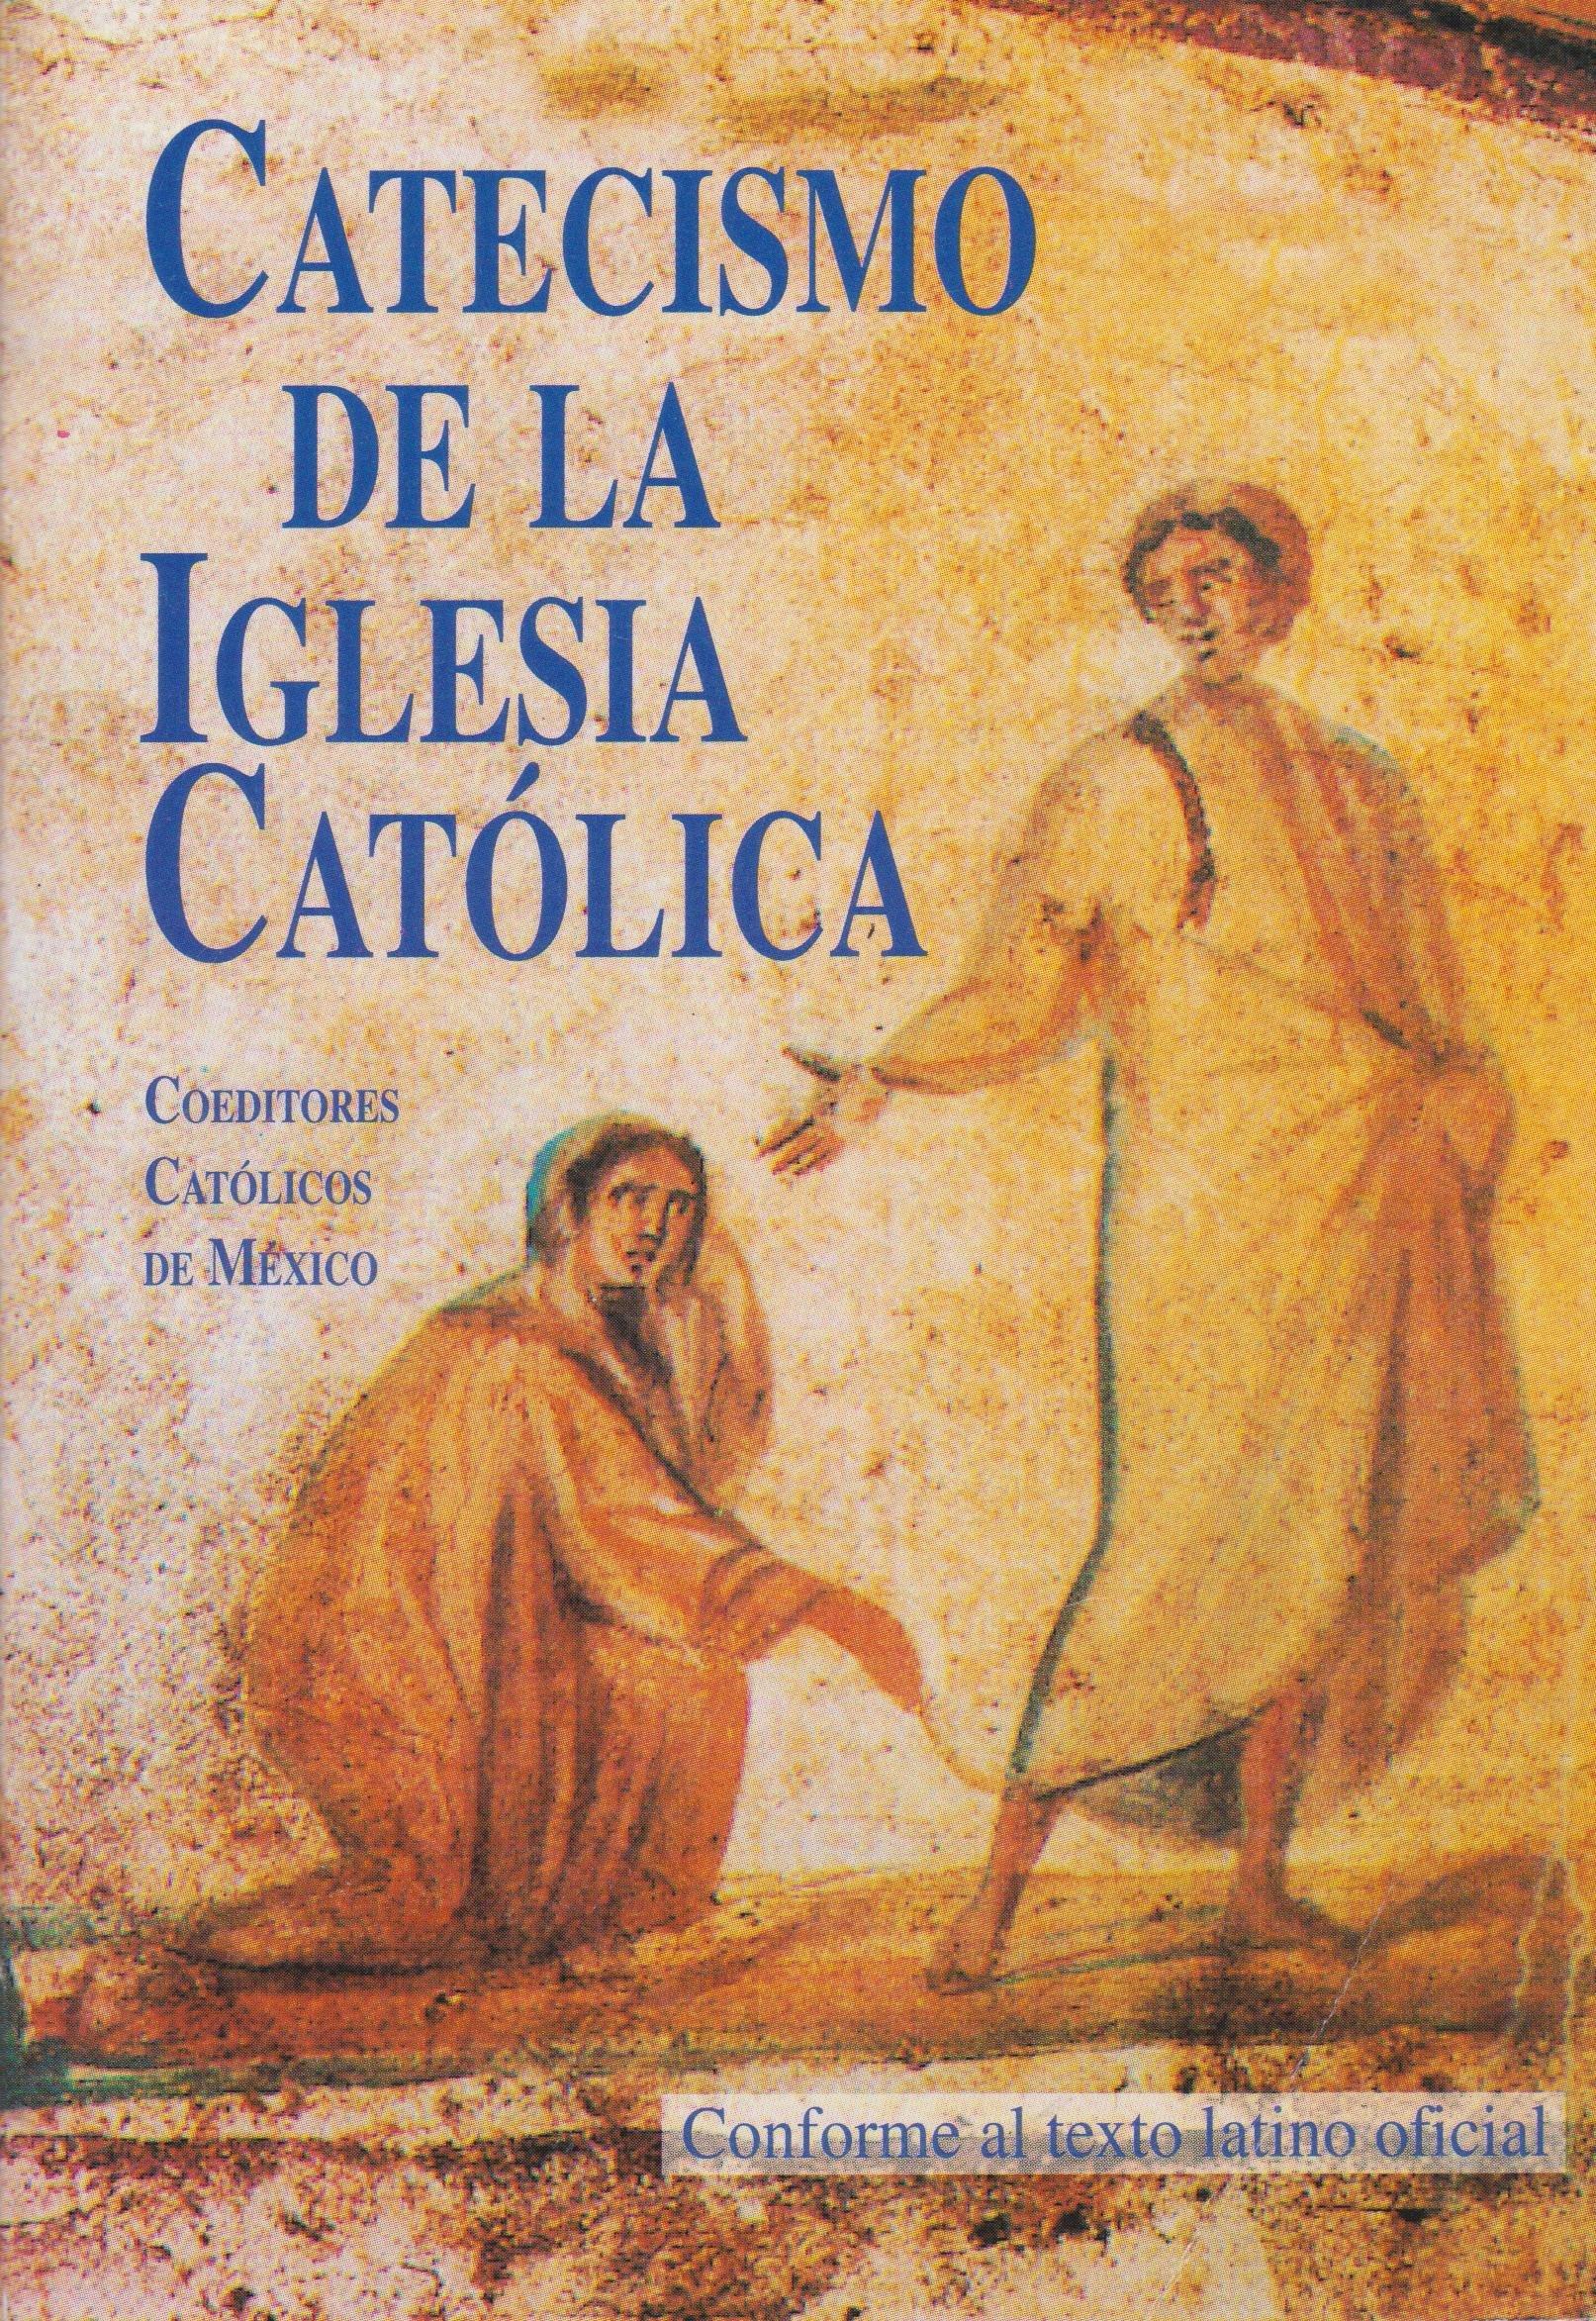 Resultado de imagen de Catecismo de la Iglesia Católica